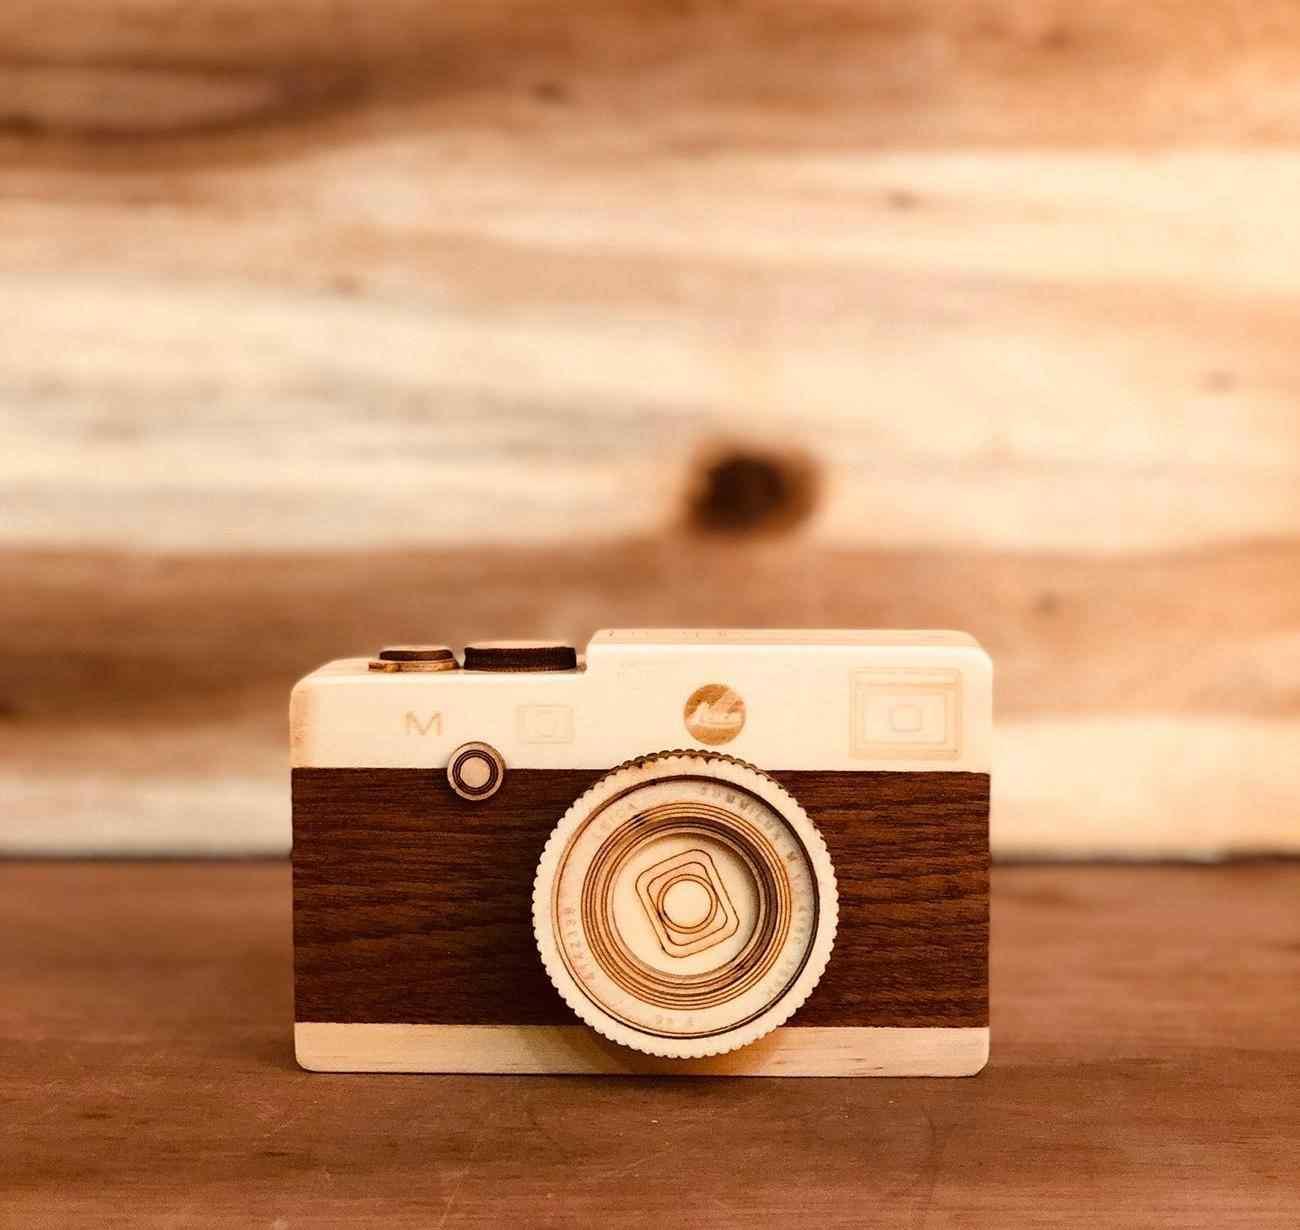 Retro Tasarım Fotoğraf Makinesi Hareketli Müzik Kutusu